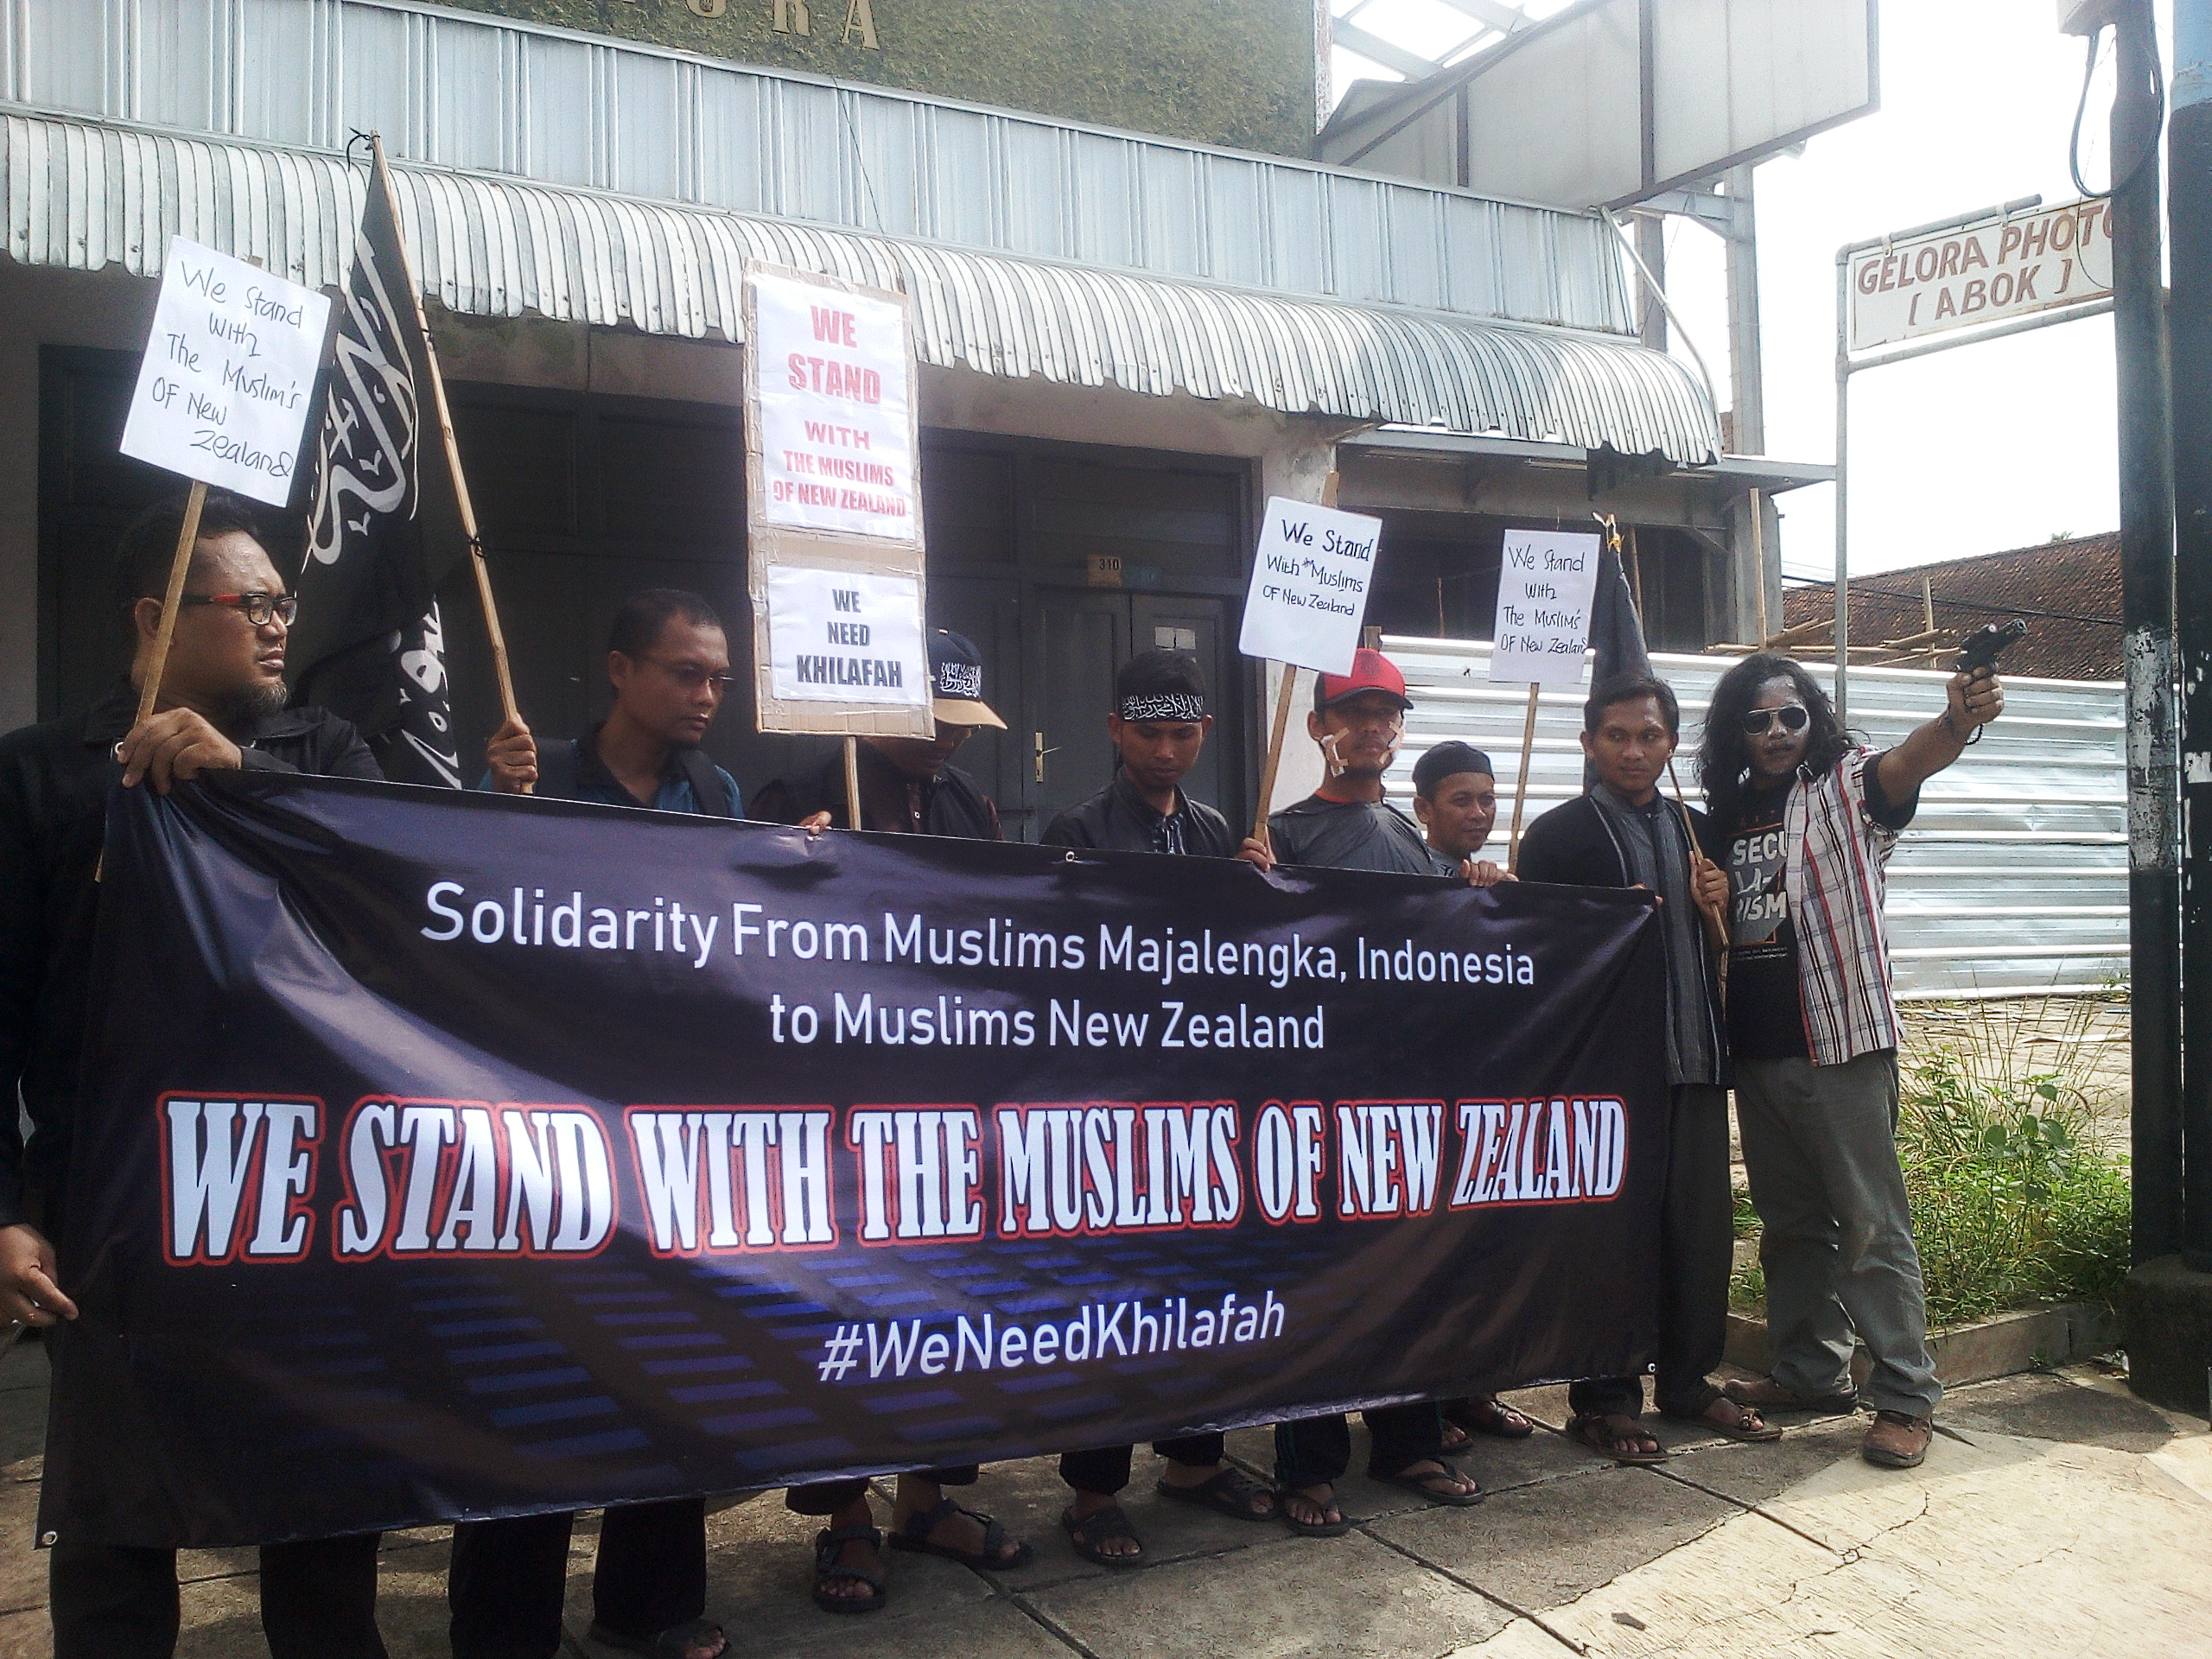 Muslim Selandia Baru Image: Solidaritas Muslim Majalengka Untuk Muslim Selandia Baru